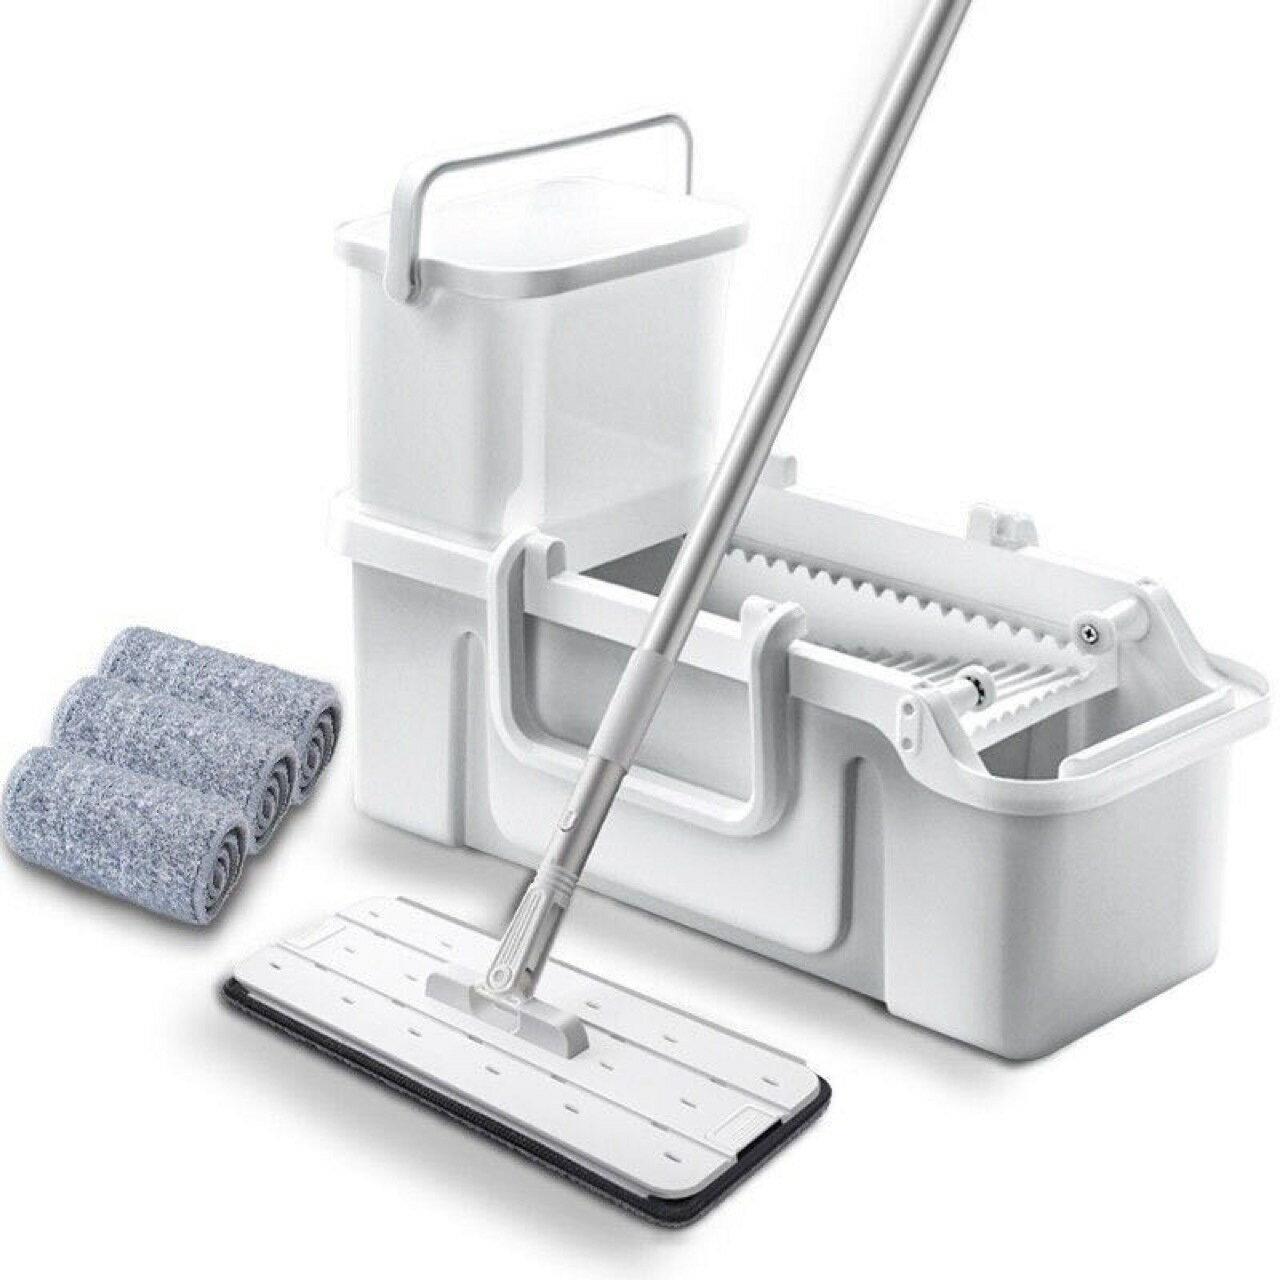 清汙分離刮刮樂平板拖把套裝 贈三塊拖布 髒水不重複用 地板清潔 吸水拖把 掃具 自濾拖把【HA0110】《約翰家庭百貨